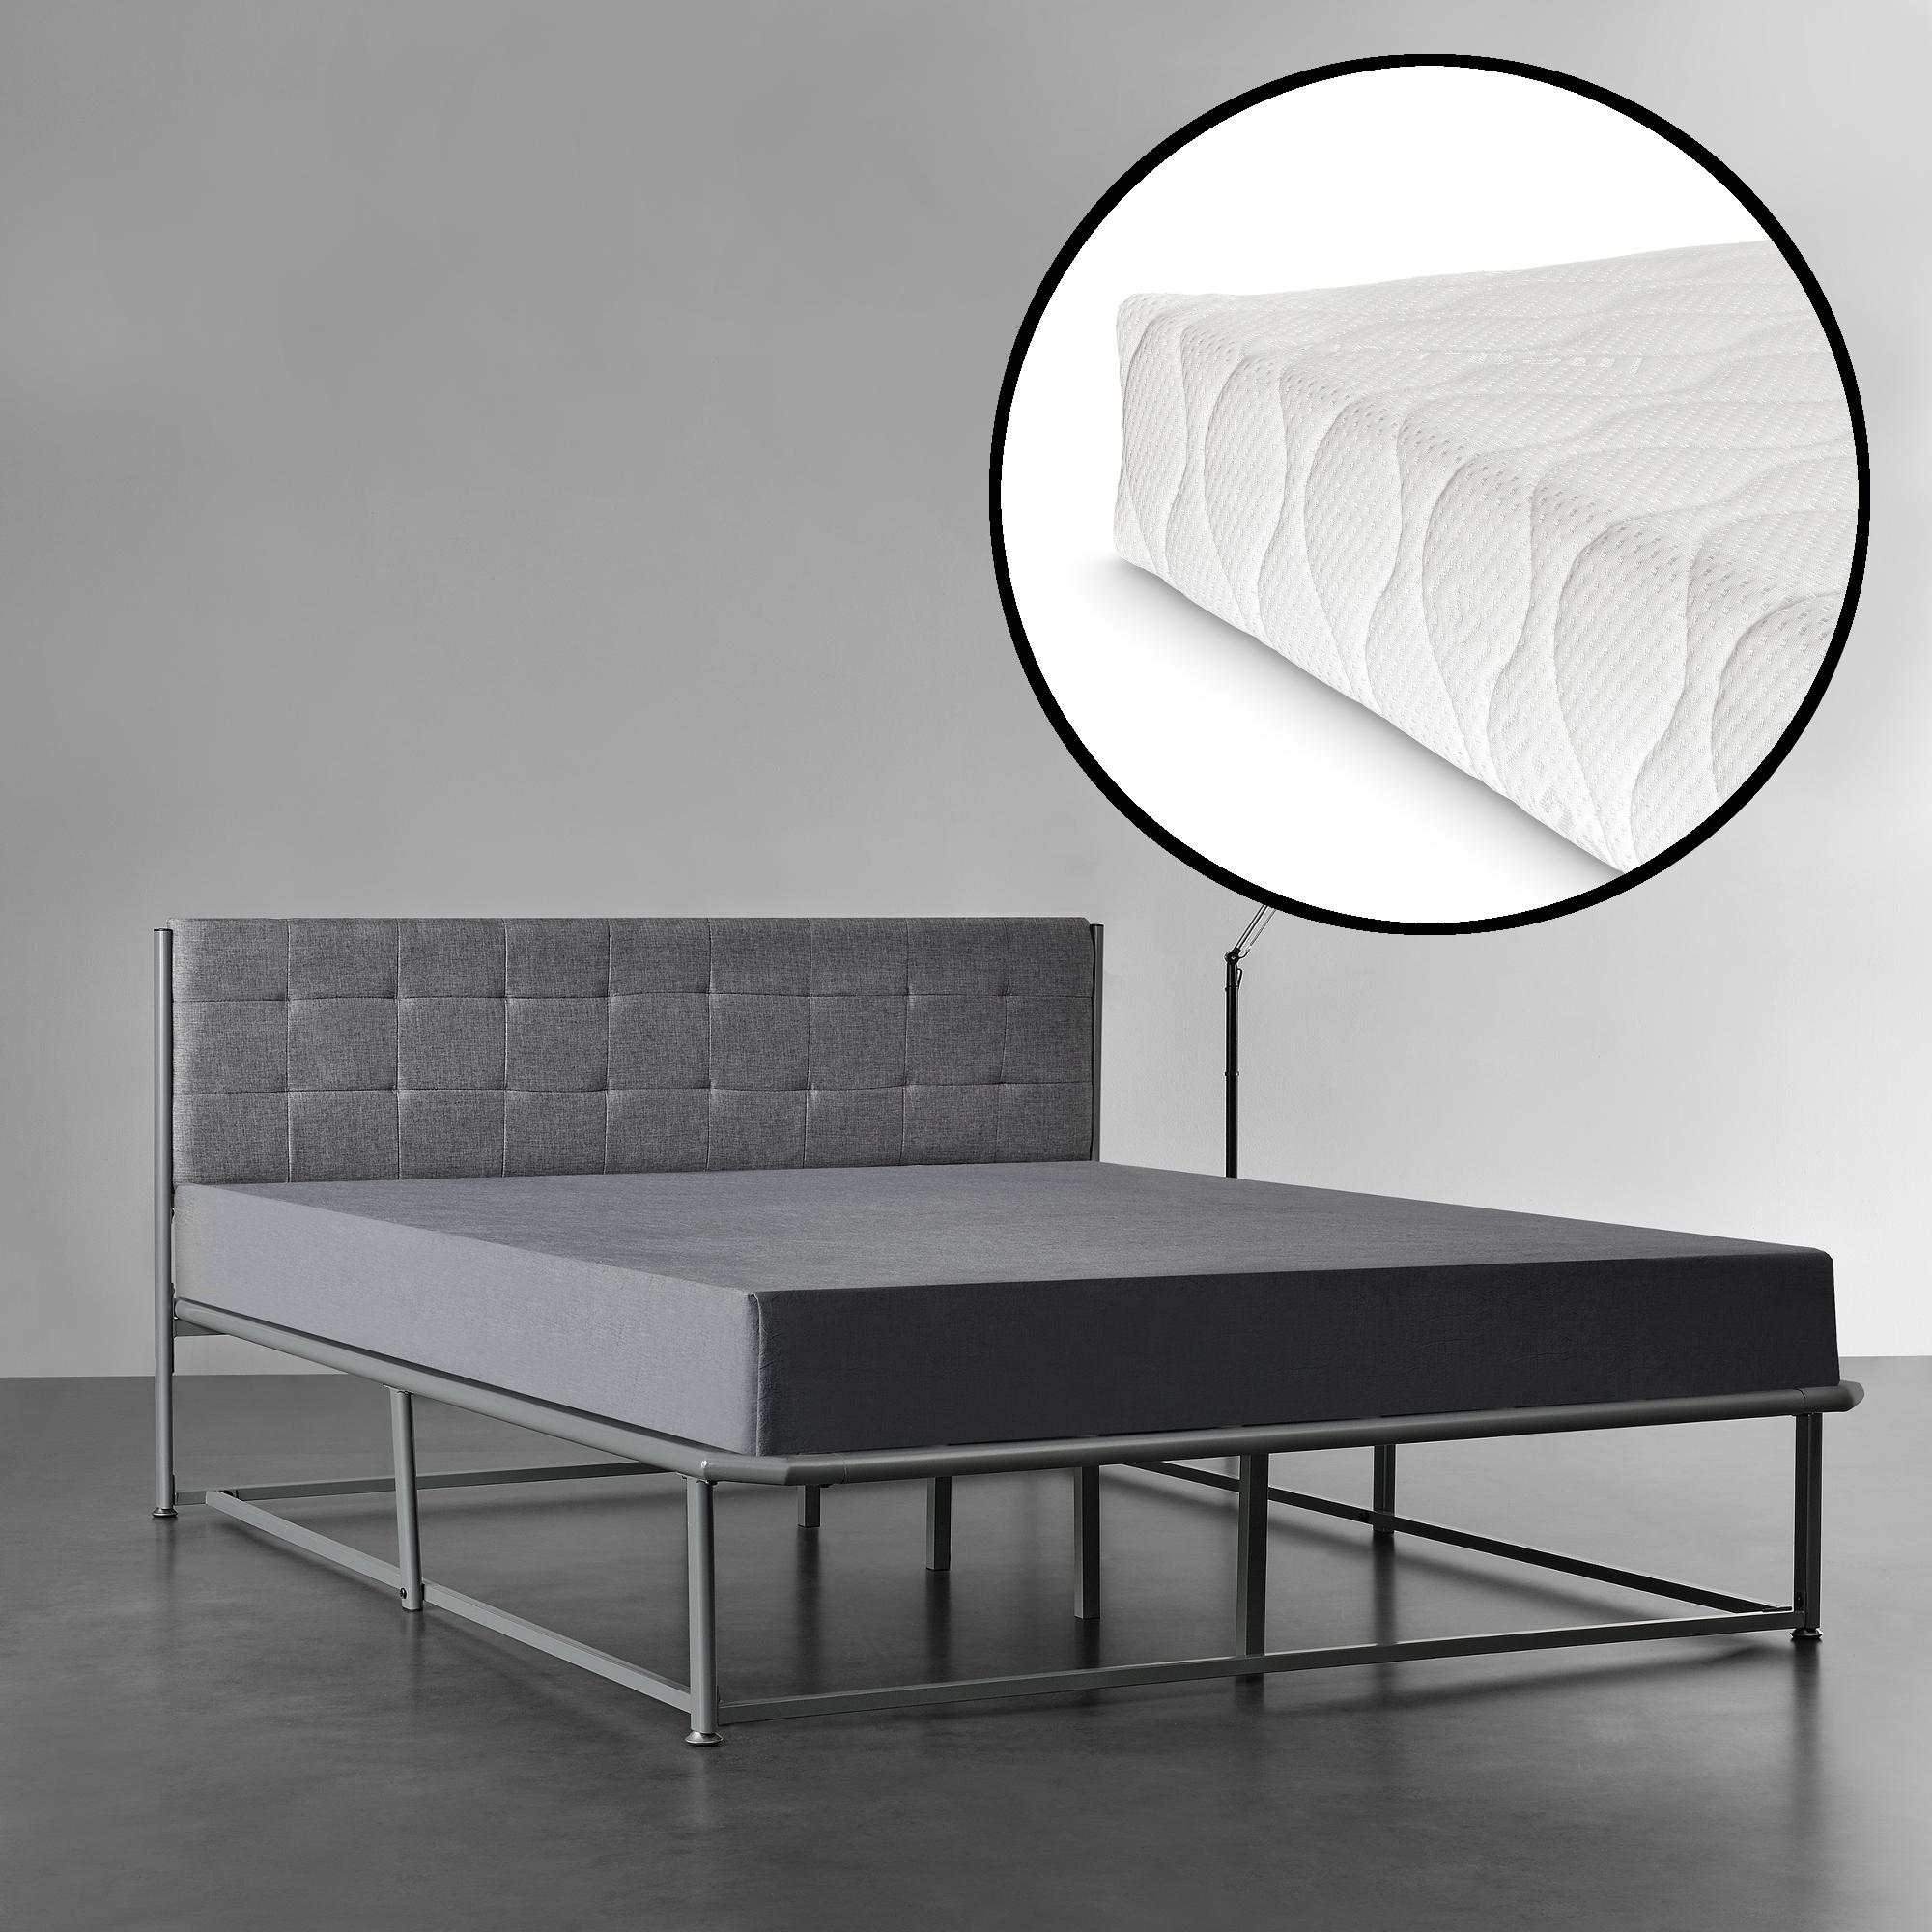 lit double et avec matela 140 x 200 cm gris avec cadre gris fonc ebay. Black Bedroom Furniture Sets. Home Design Ideas